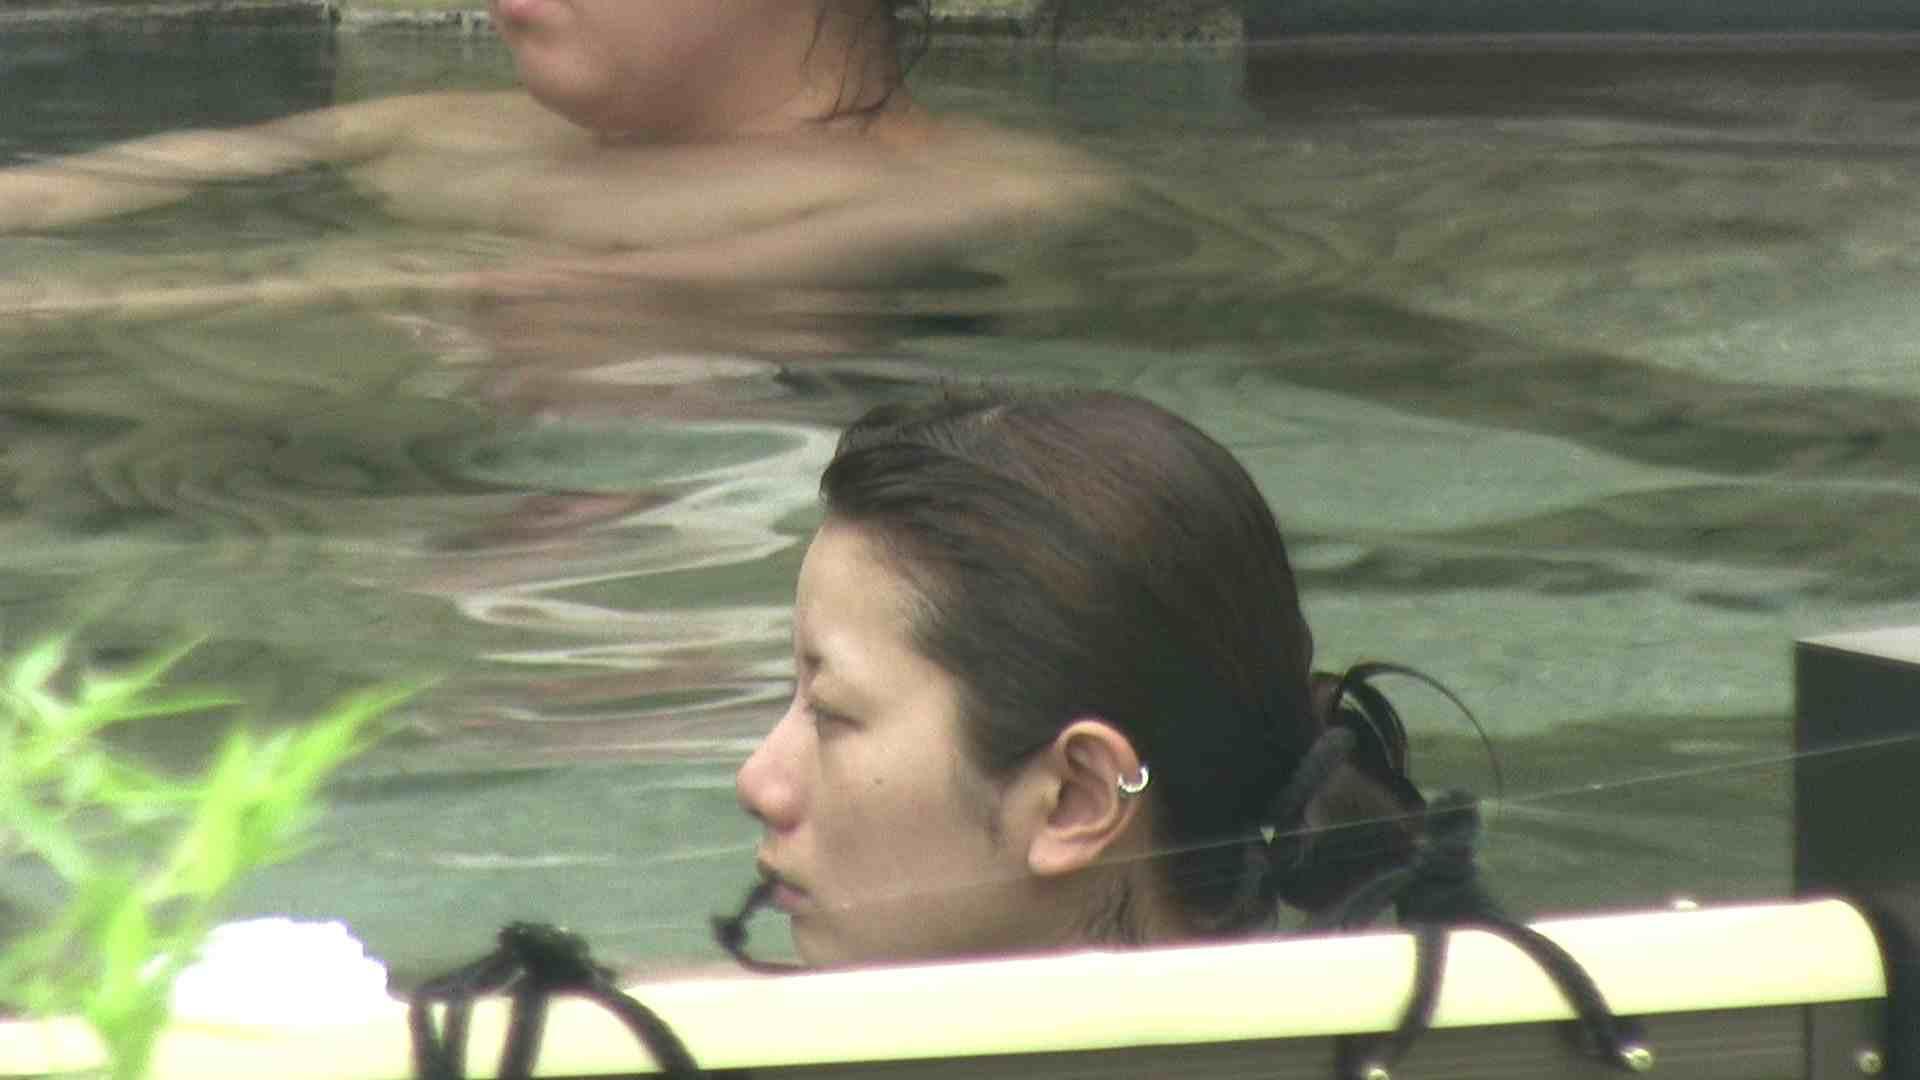 Aquaな露天風呂Vol.19【VIP】 美しいOLの裸体  106pic 75